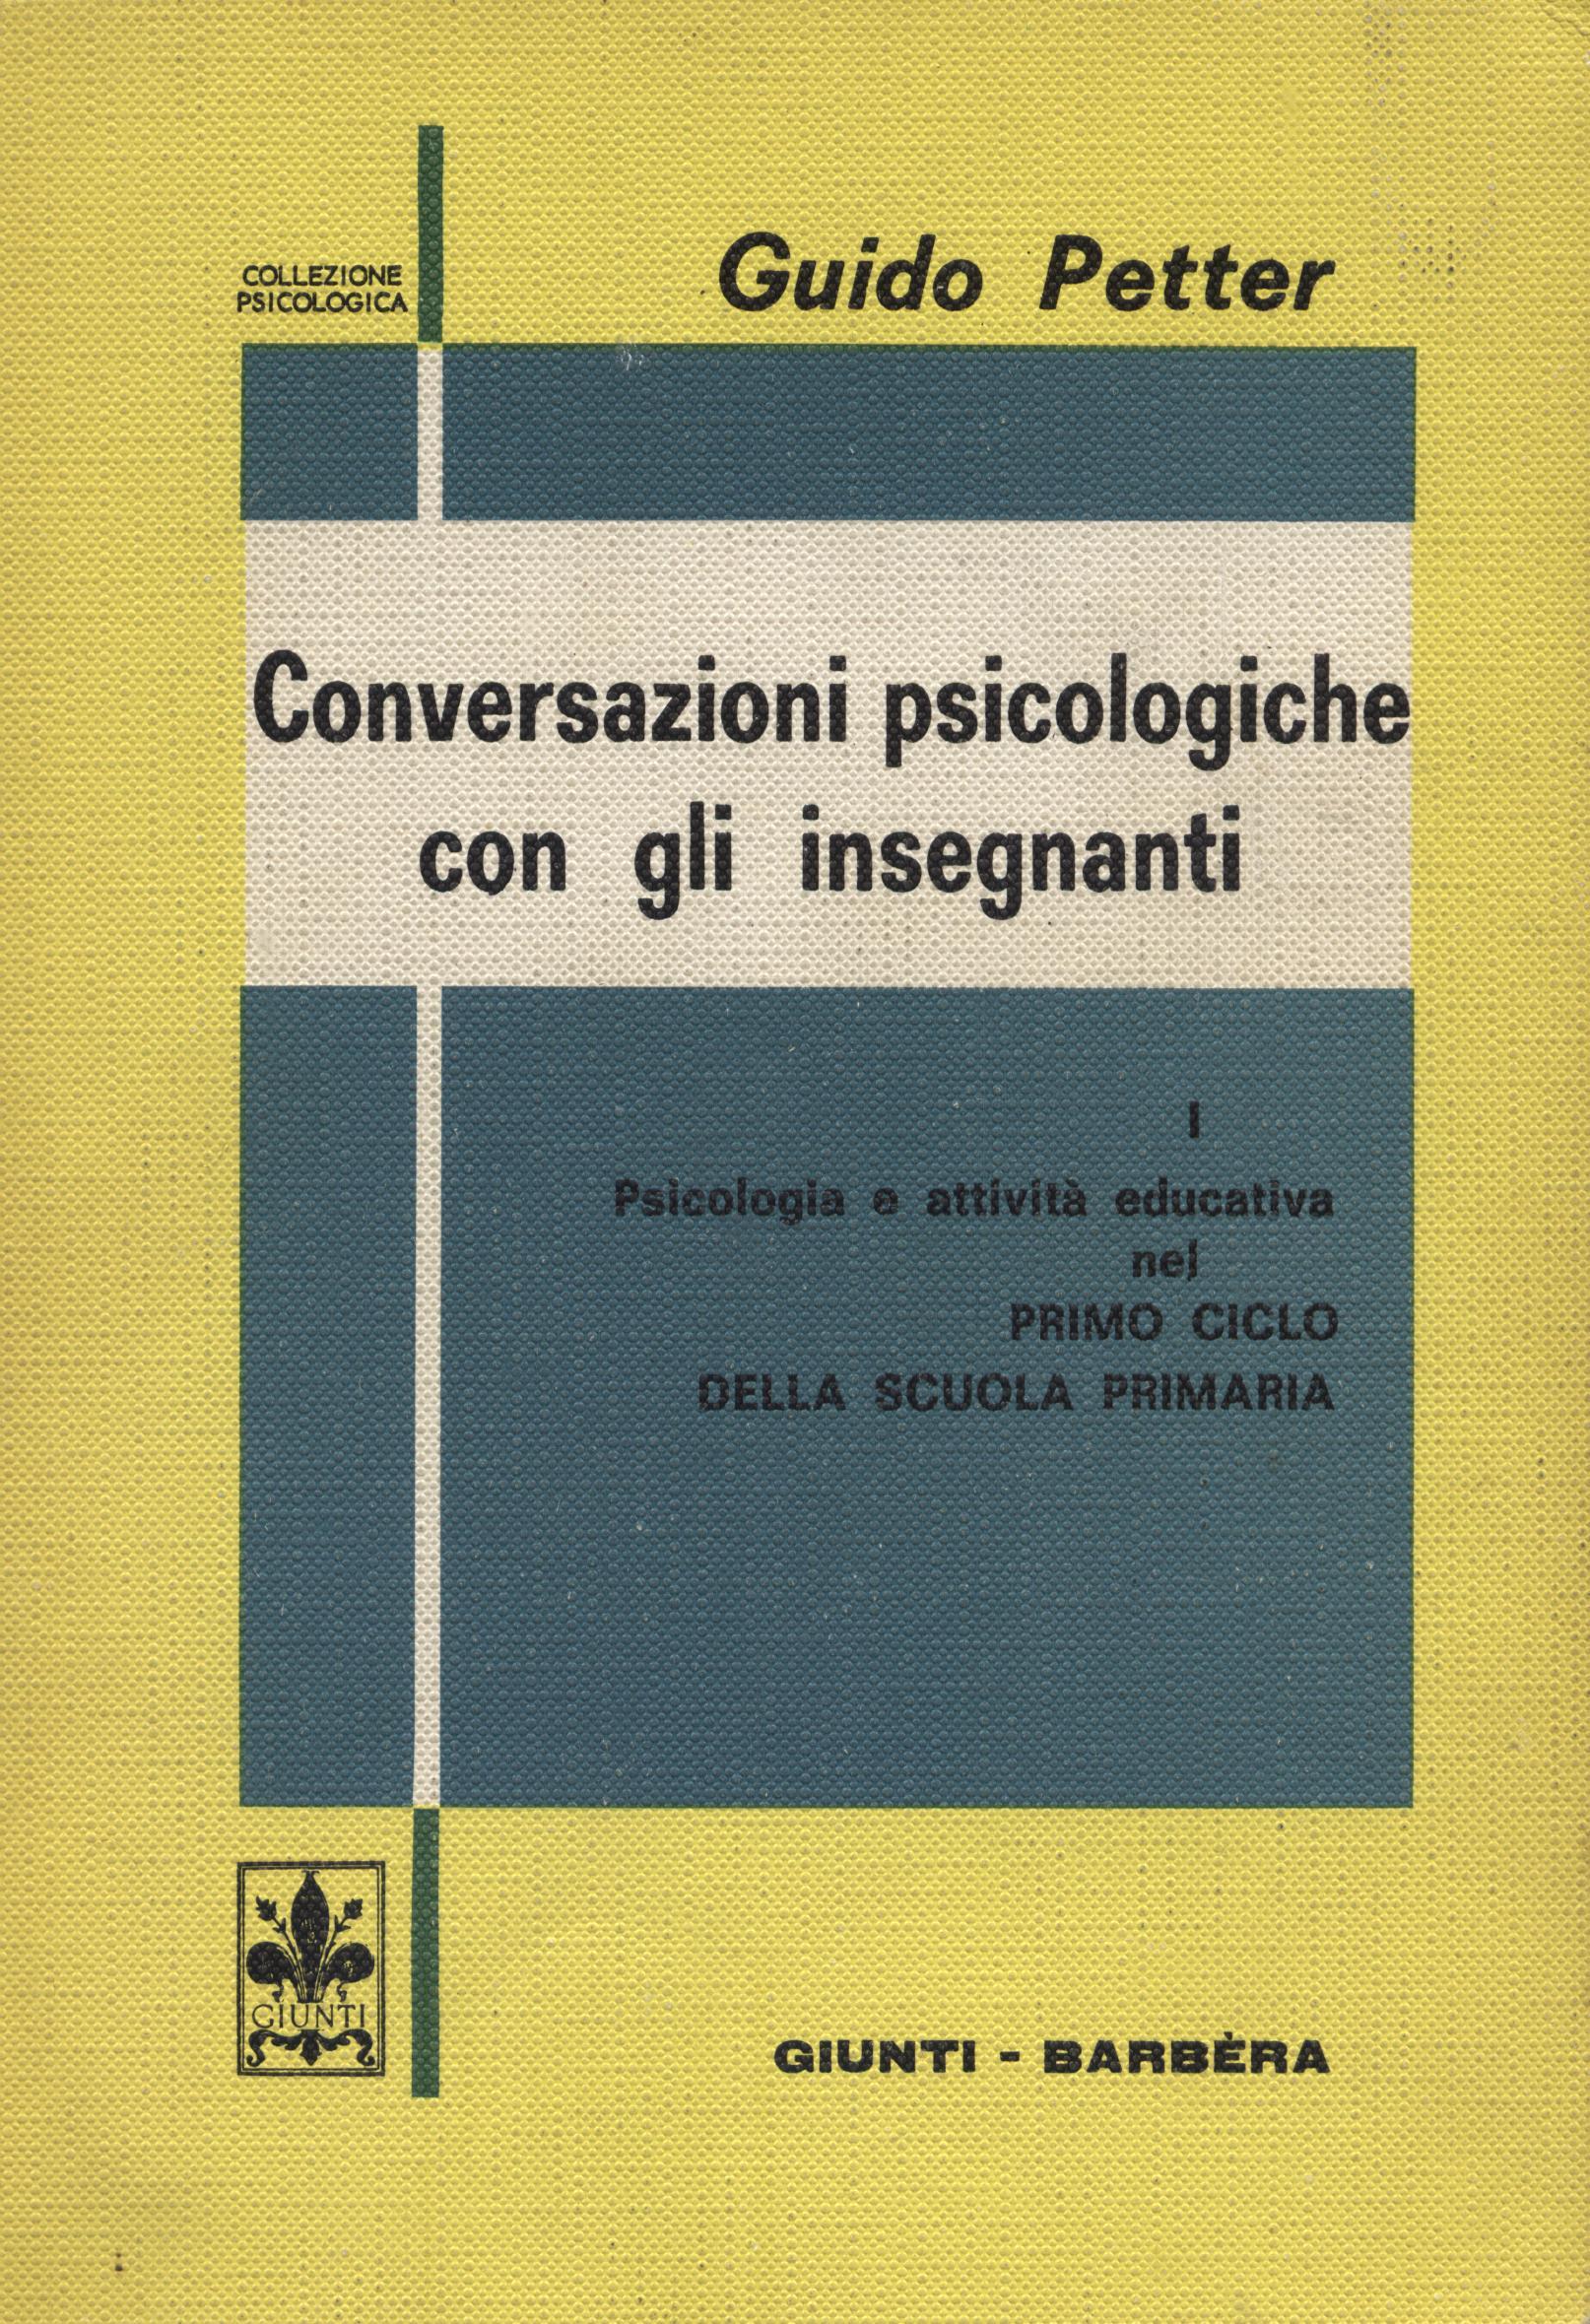 Conversazioni psicologiche con gli insegnanti